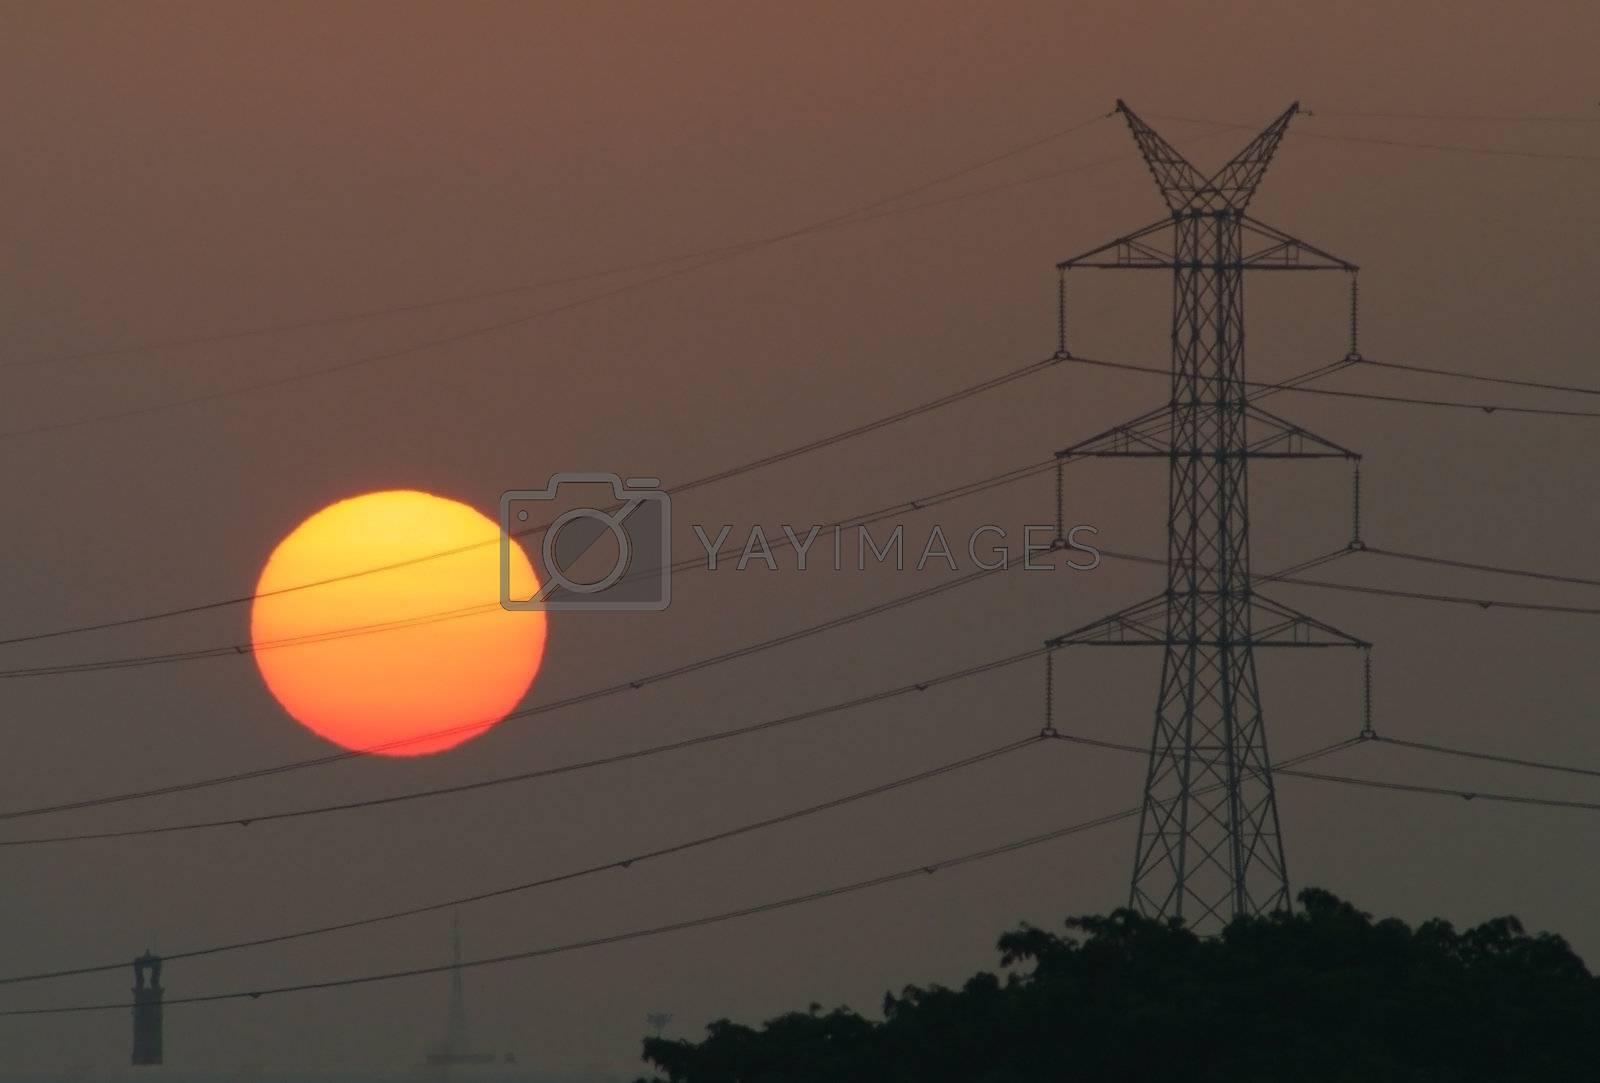 Hazy industrial sunrise by epixx